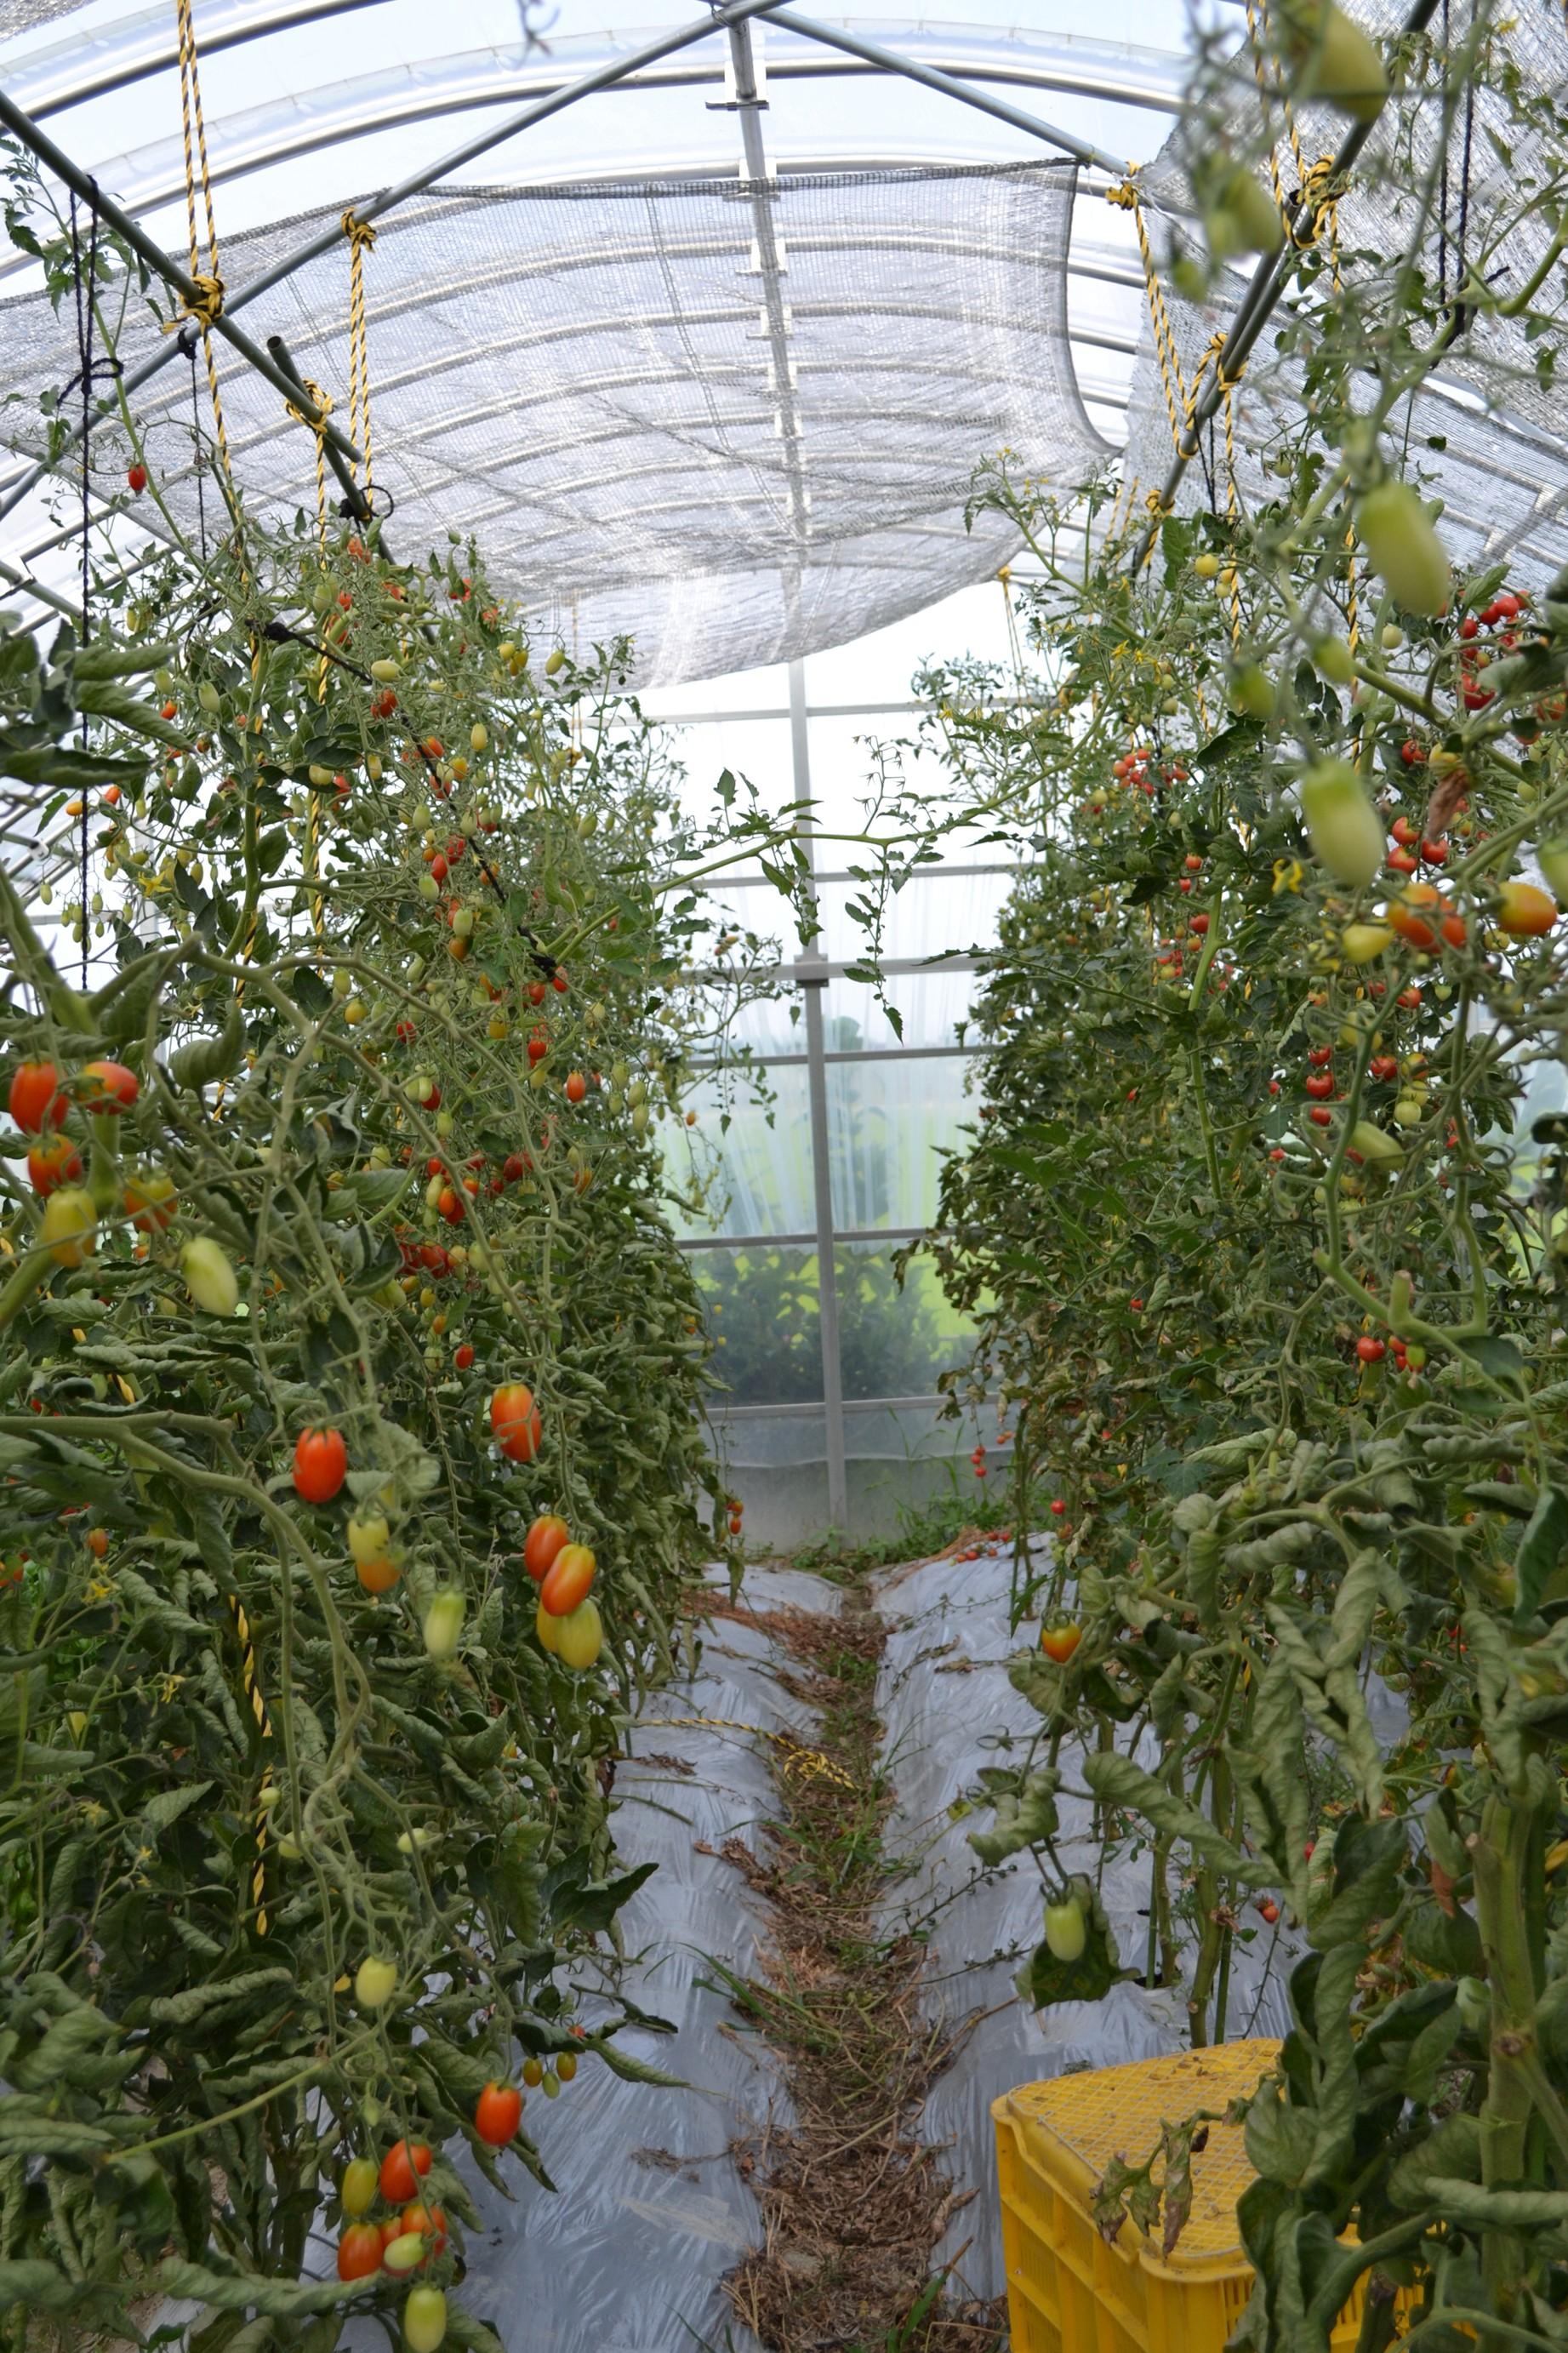 大量のトマトができています。種類は2種類。ピンキーとアイコです。サラダのトッピングやドライトマトにして使います。